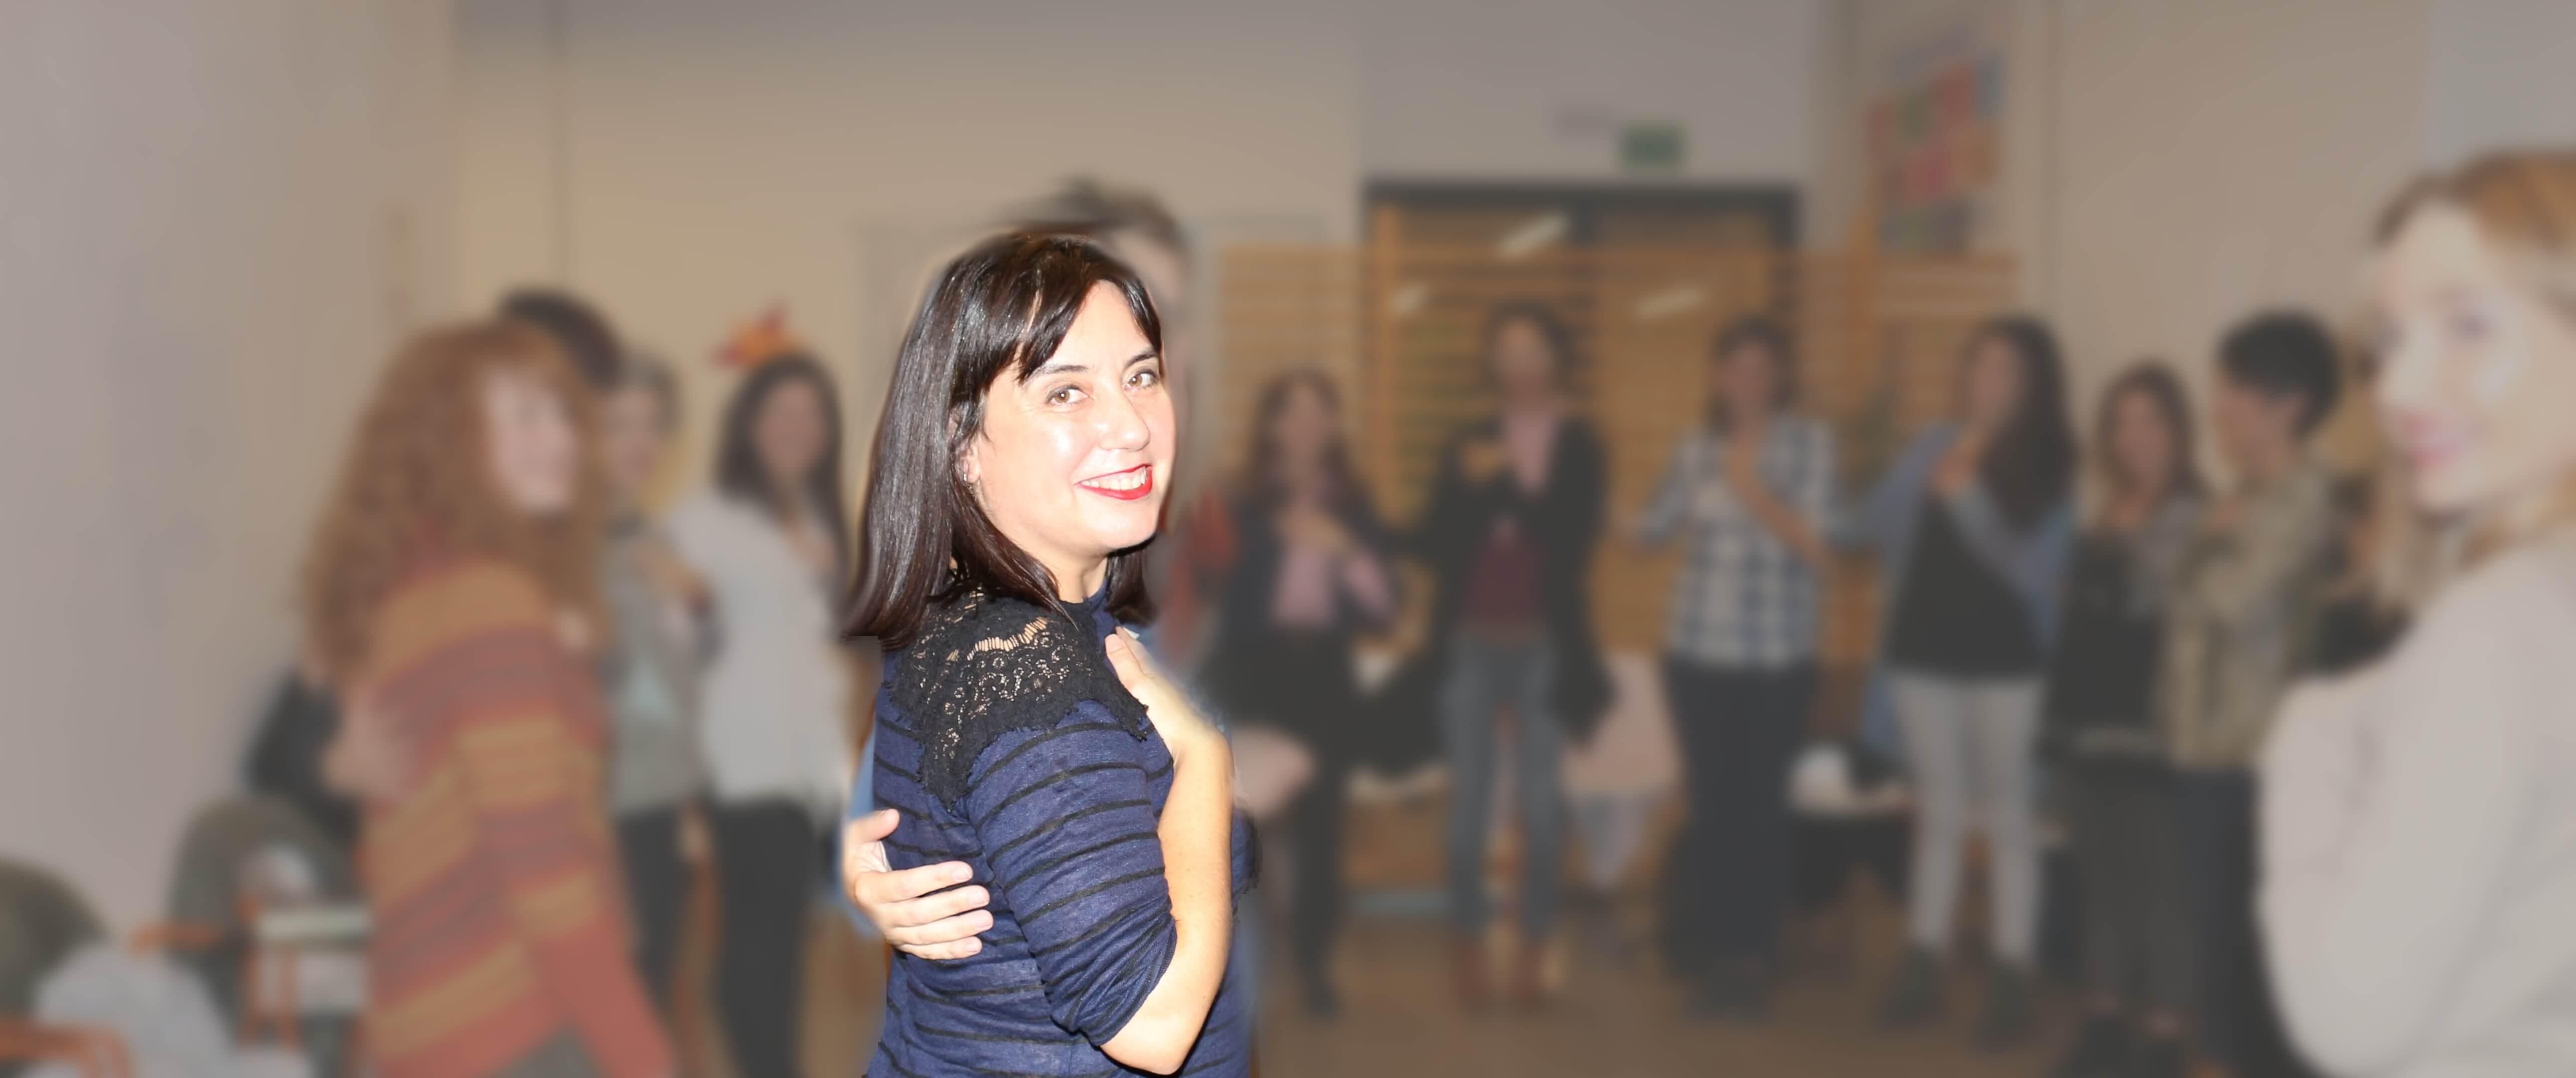 Maria Diez Coach especializada en Mujeres con Responsabilidades Familiares